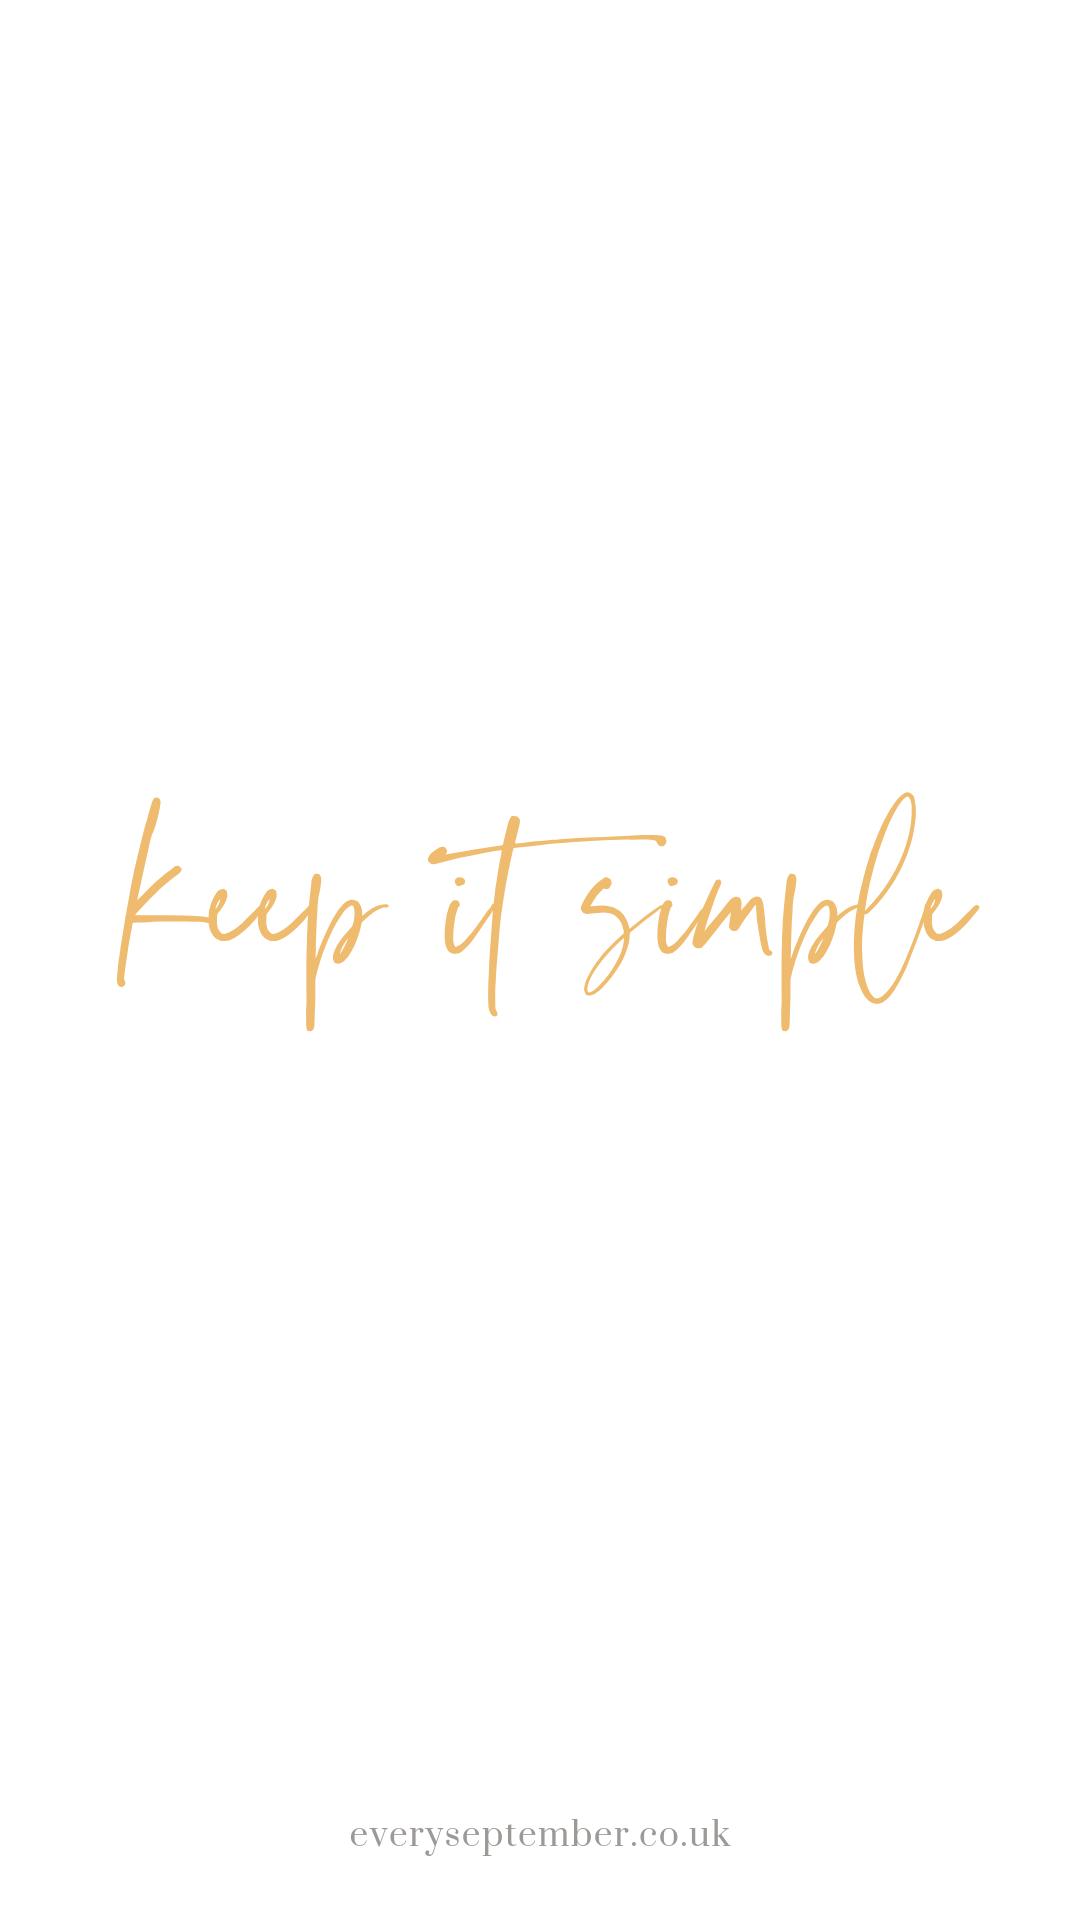 keep it simple phone wallpaper